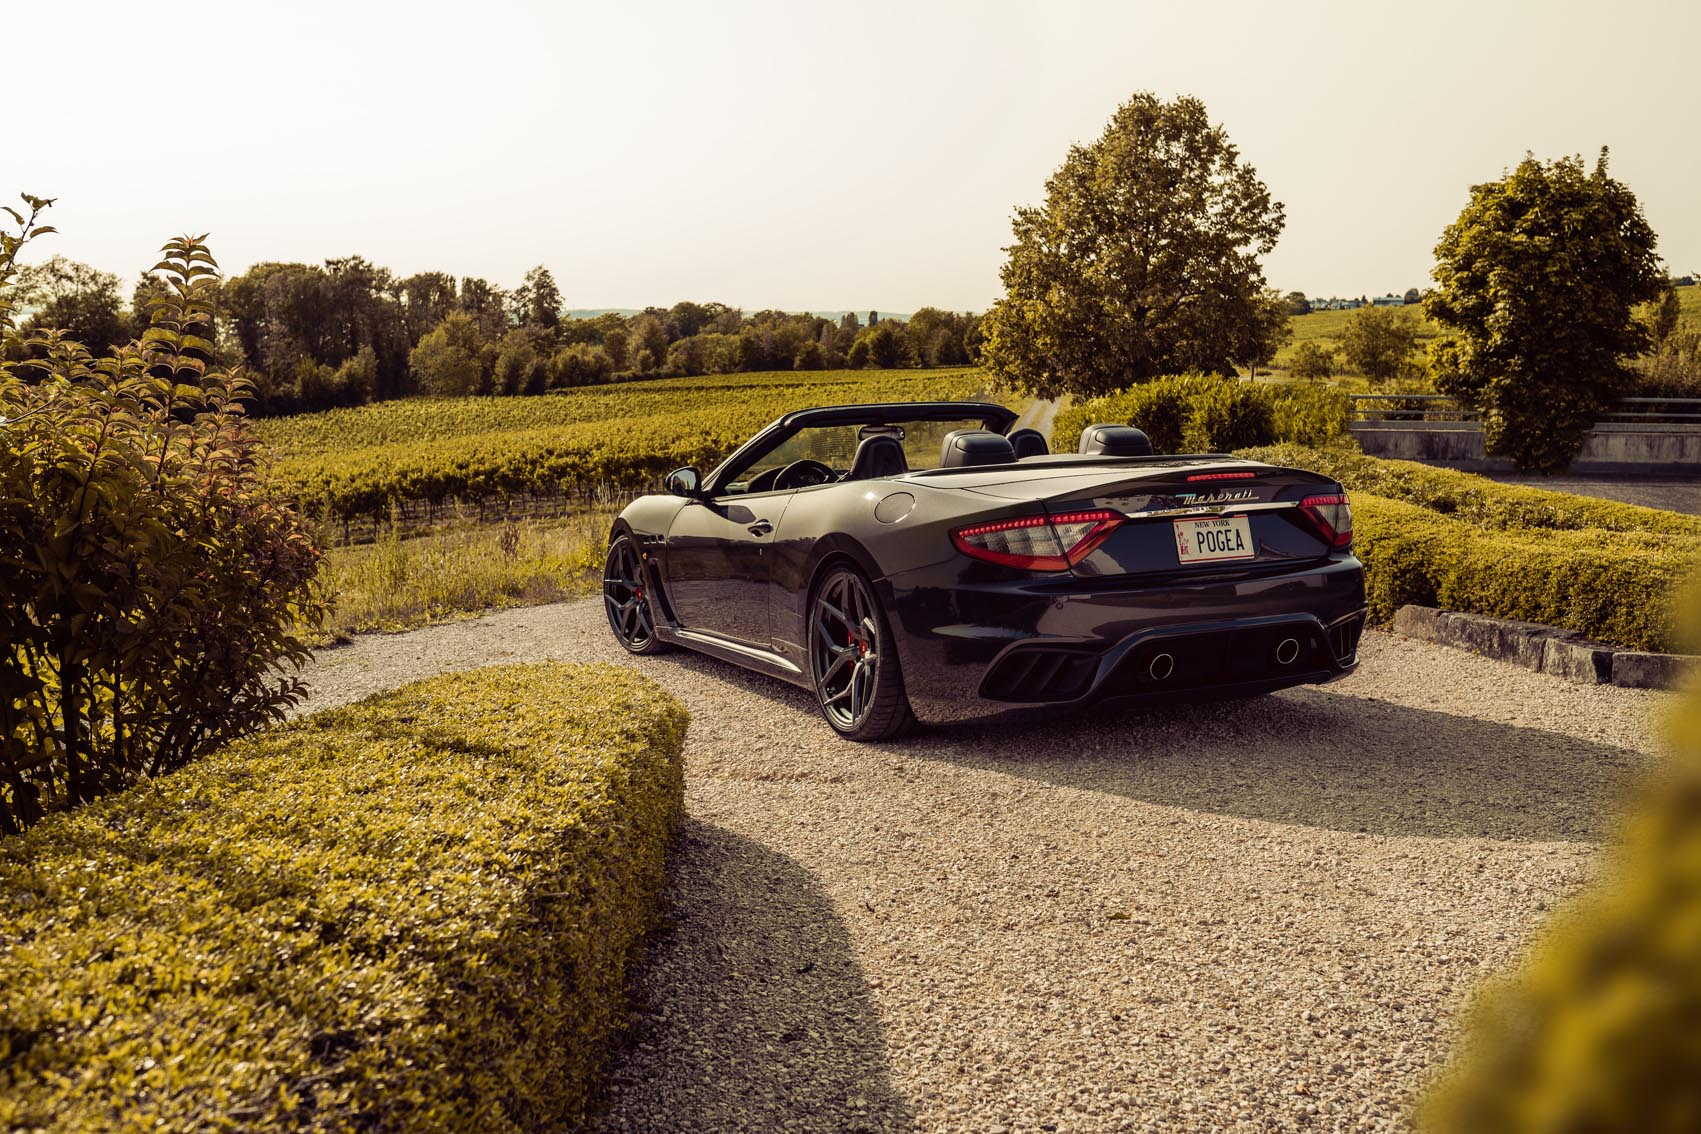 Pogea-Racing Maserati GranCabrio